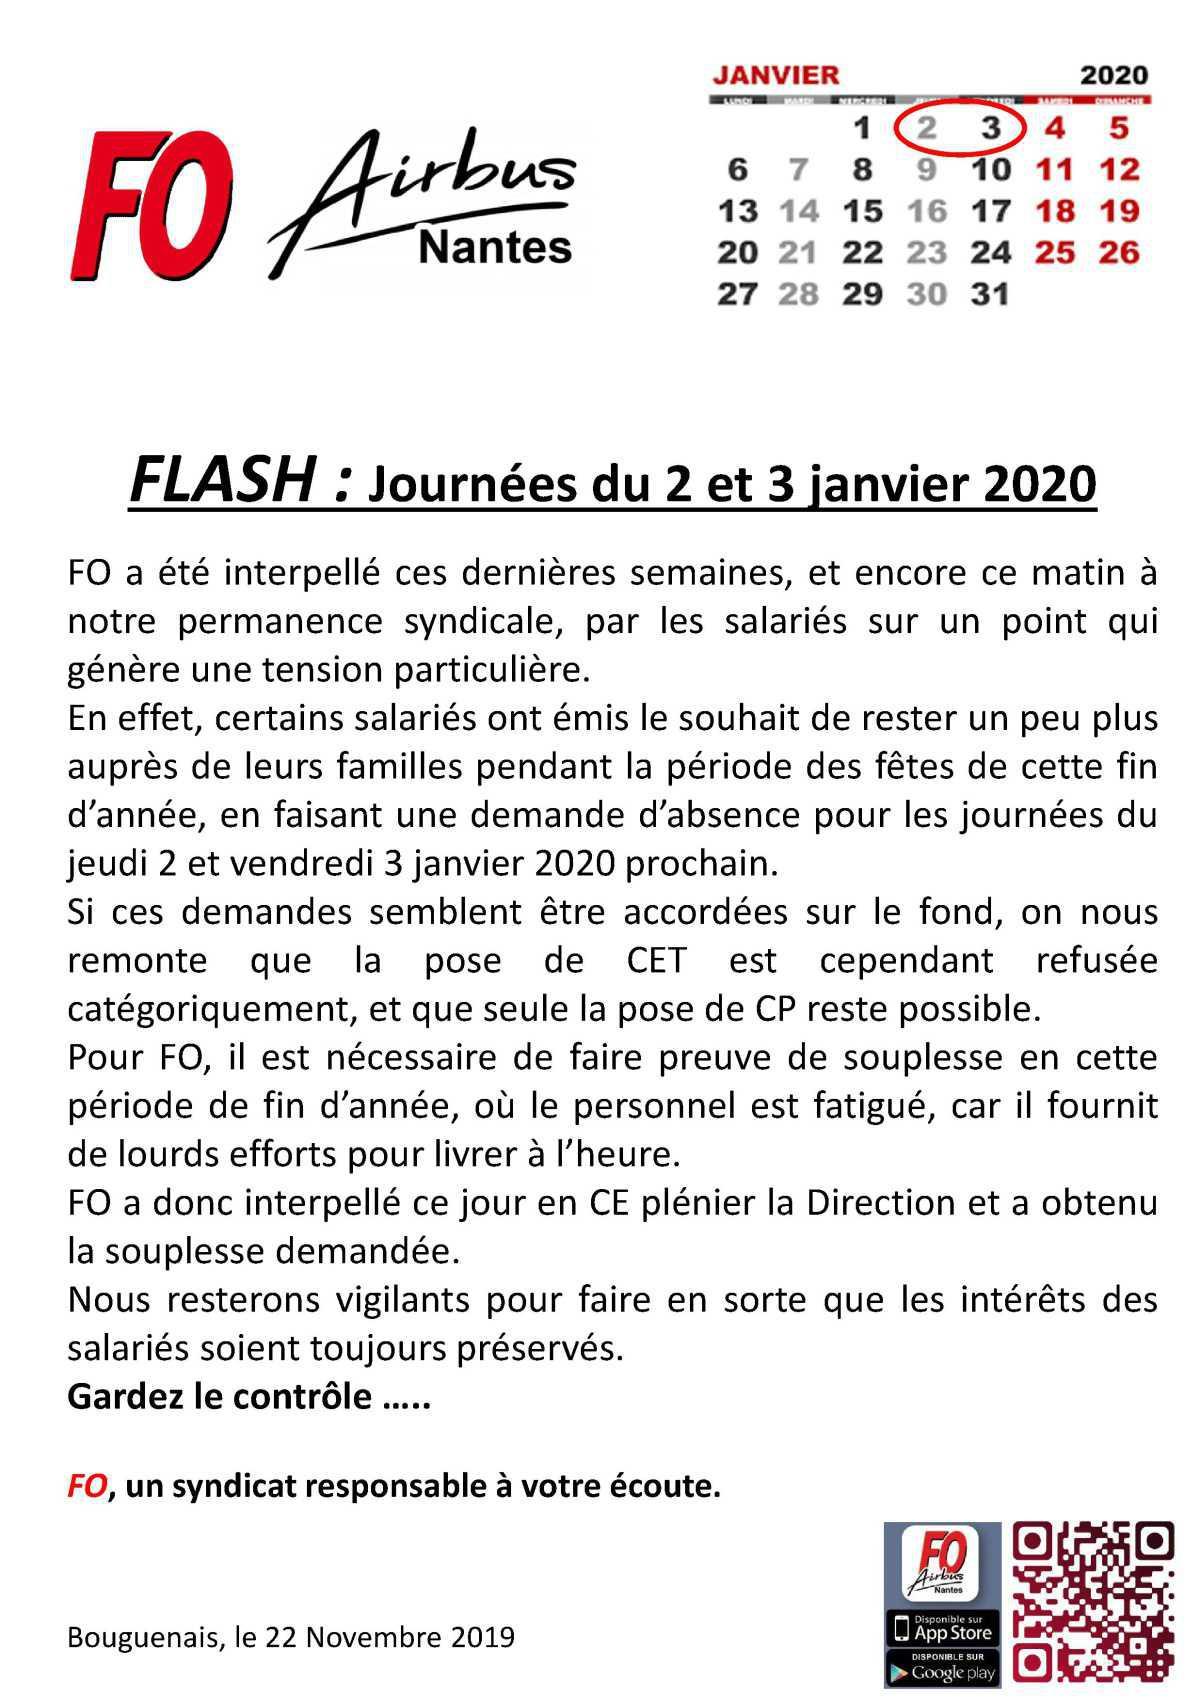 FLASH : Journées du 2 et 3 janvier.